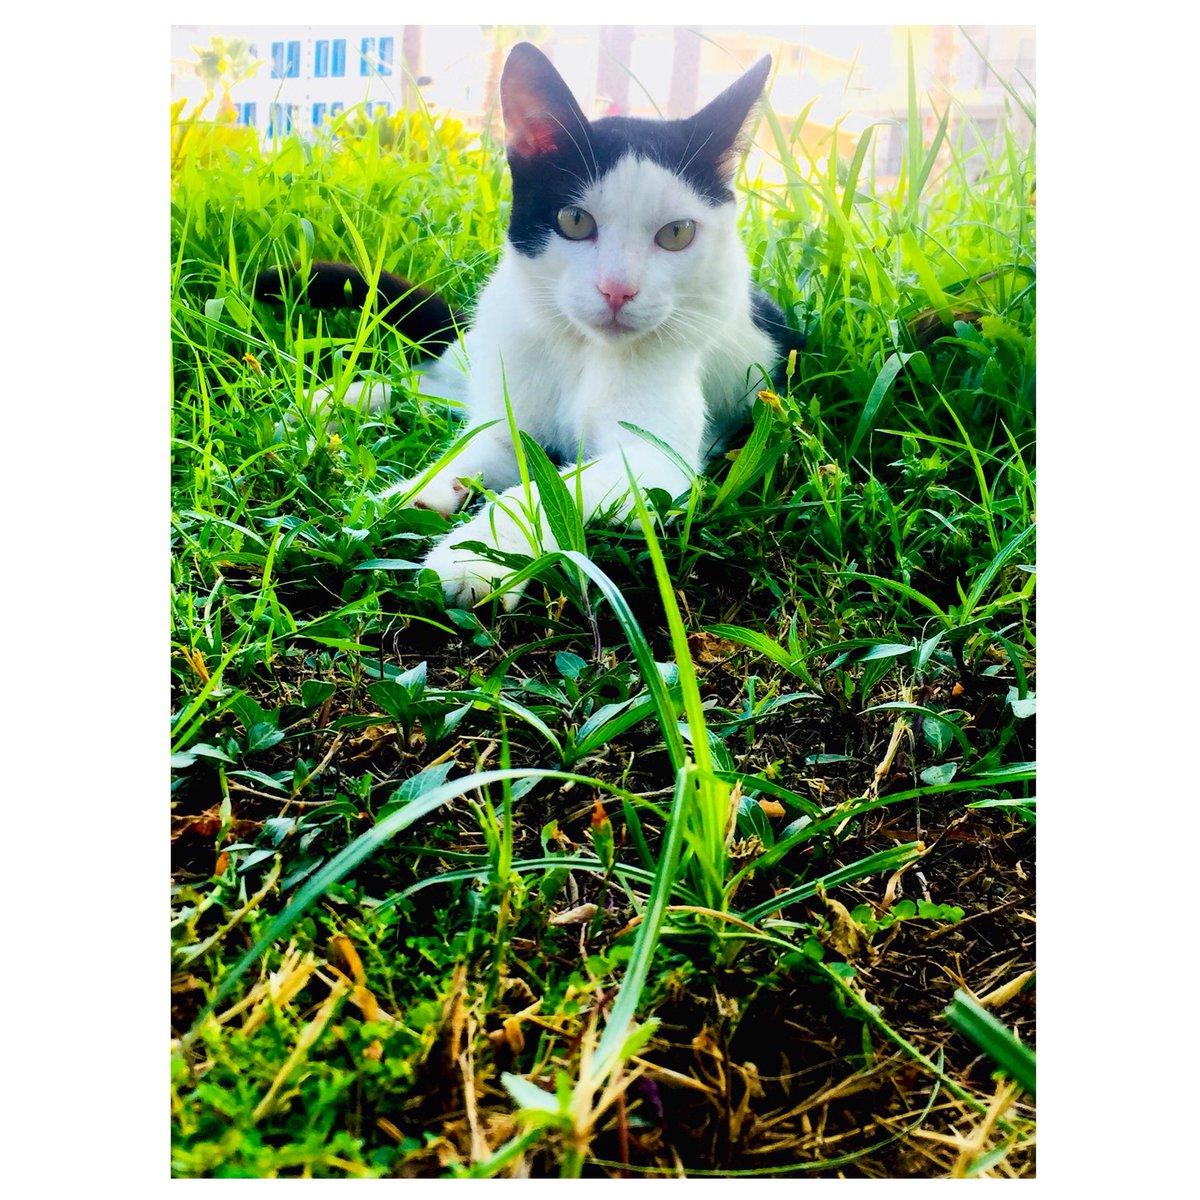 """Günaydın ☀️  """"Minicik bir kedi yavrusu bir sanat şaheseridir"""".🐈 #leonardodavinci  . . . . . . . #günaydın #salı #kedi #kediler #kedilerindünyası #kedicikler #kediseverler #mutluluk #cat  #TagsForLikes #catsagram #catstagram #instagood #kitten #kitty #pet #animal #animals"""